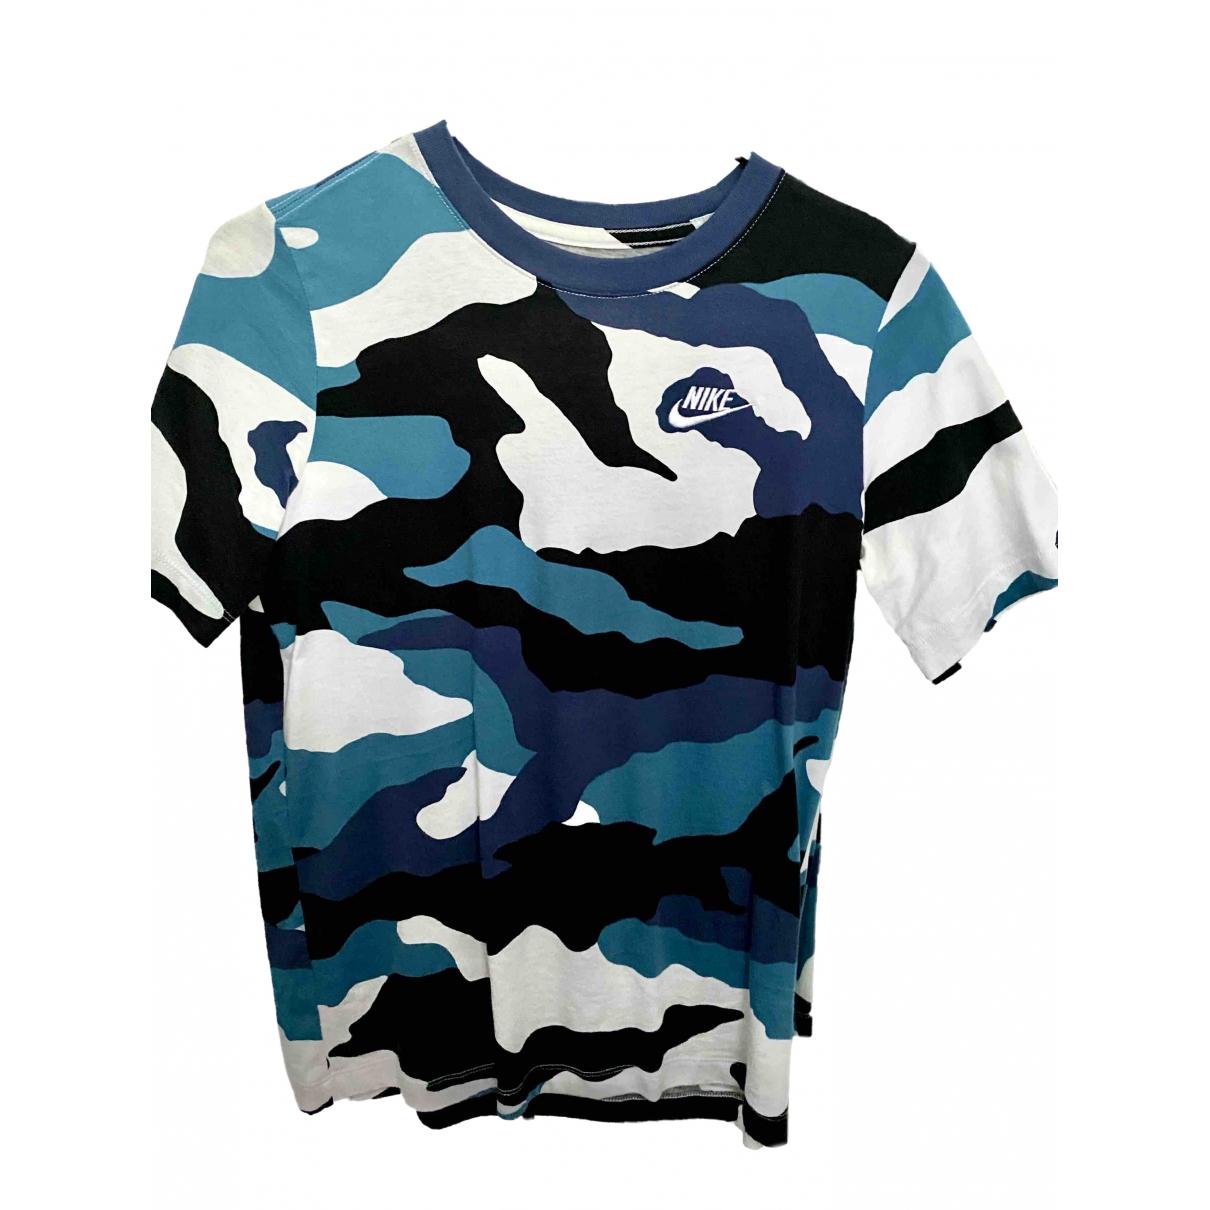 Nike \N Oberteile in  Bunt Baumwolle